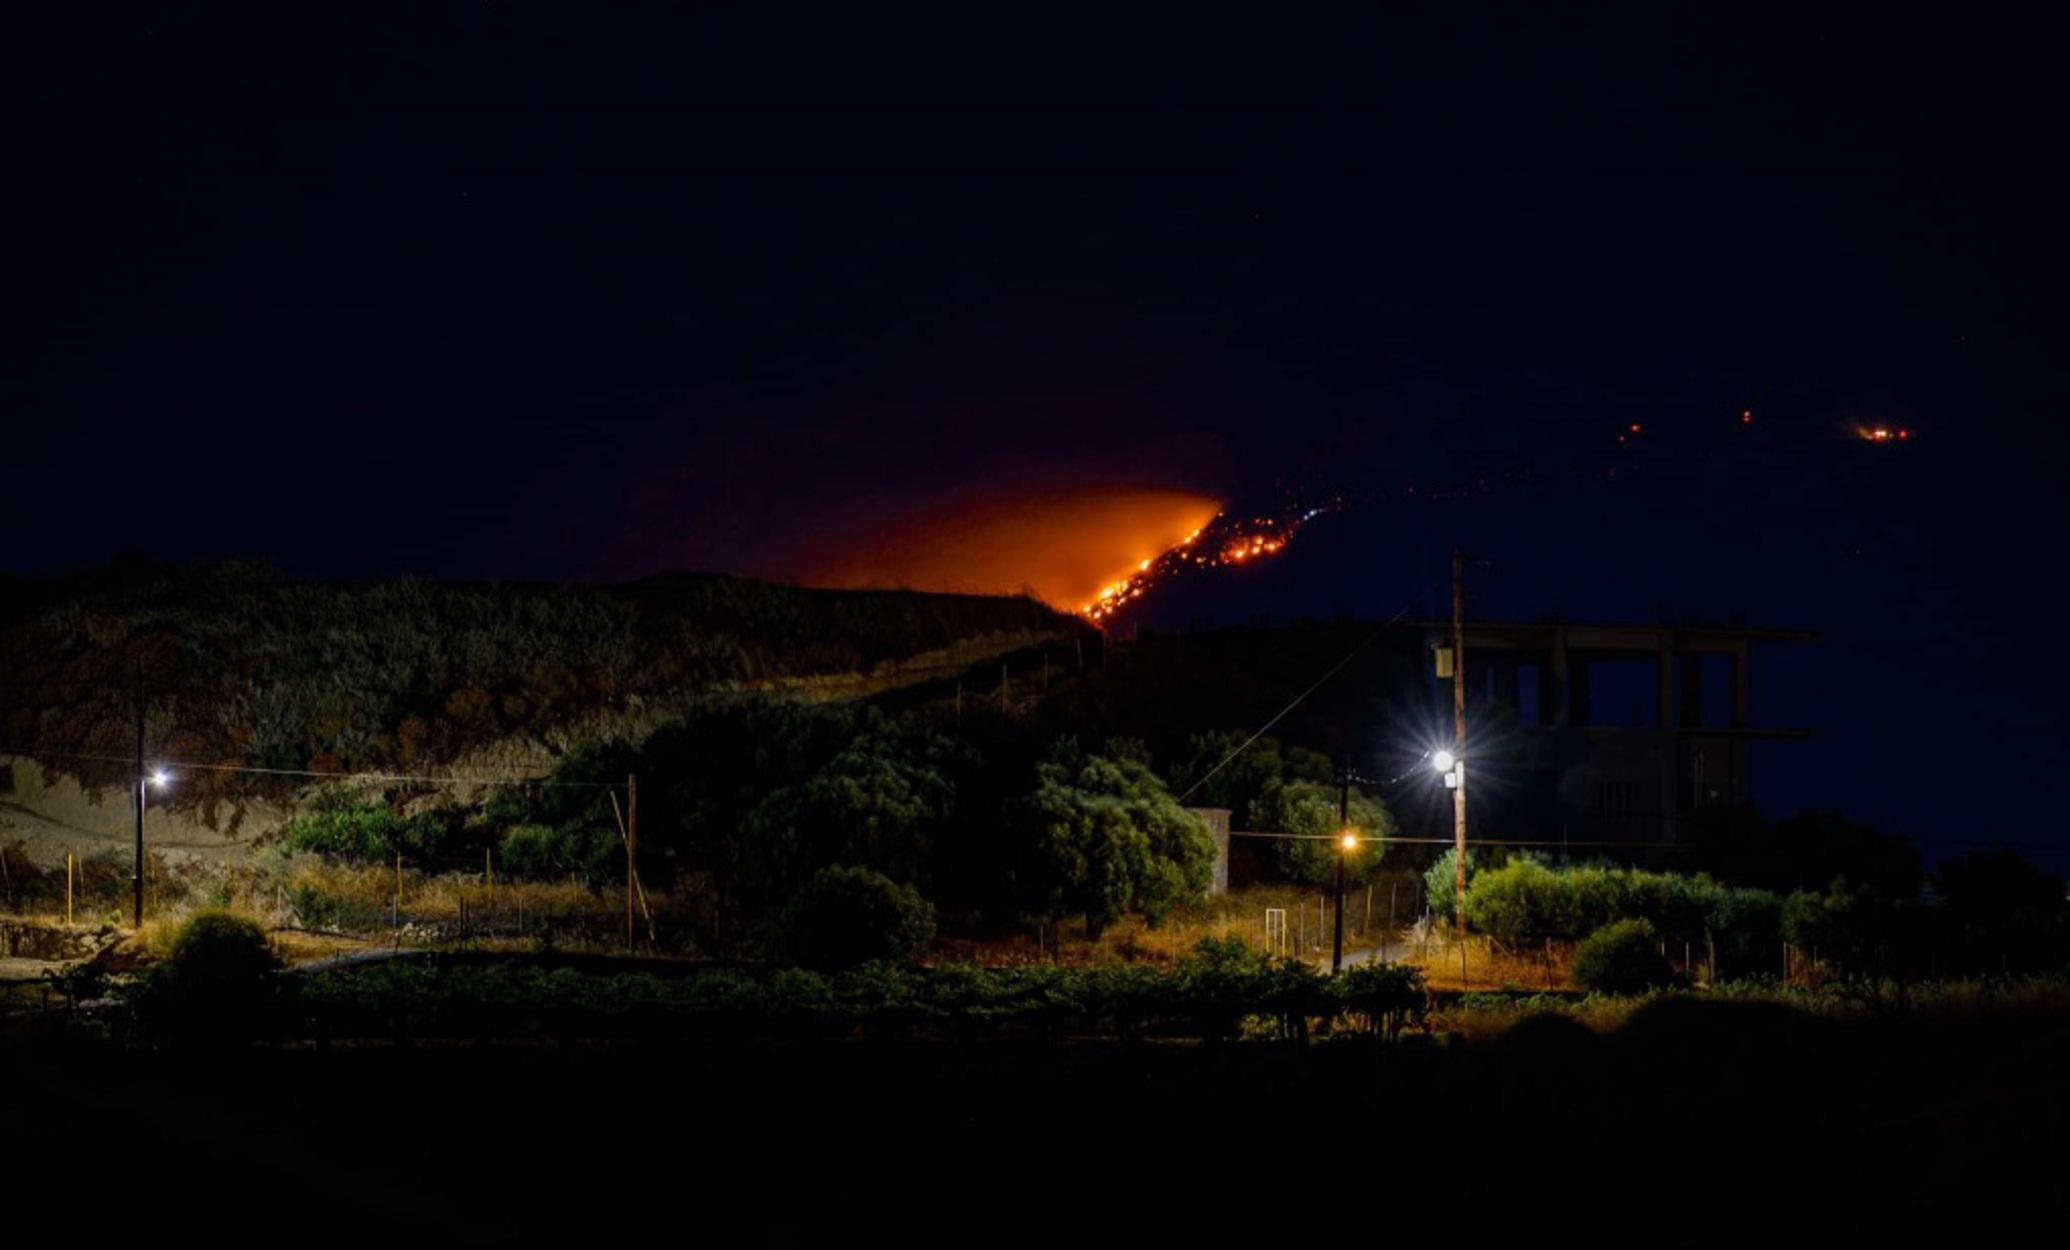 Κρήτη: Ολονύχτια μάχη με τις φλόγες σε Μινώα και Ασίτες (pics)